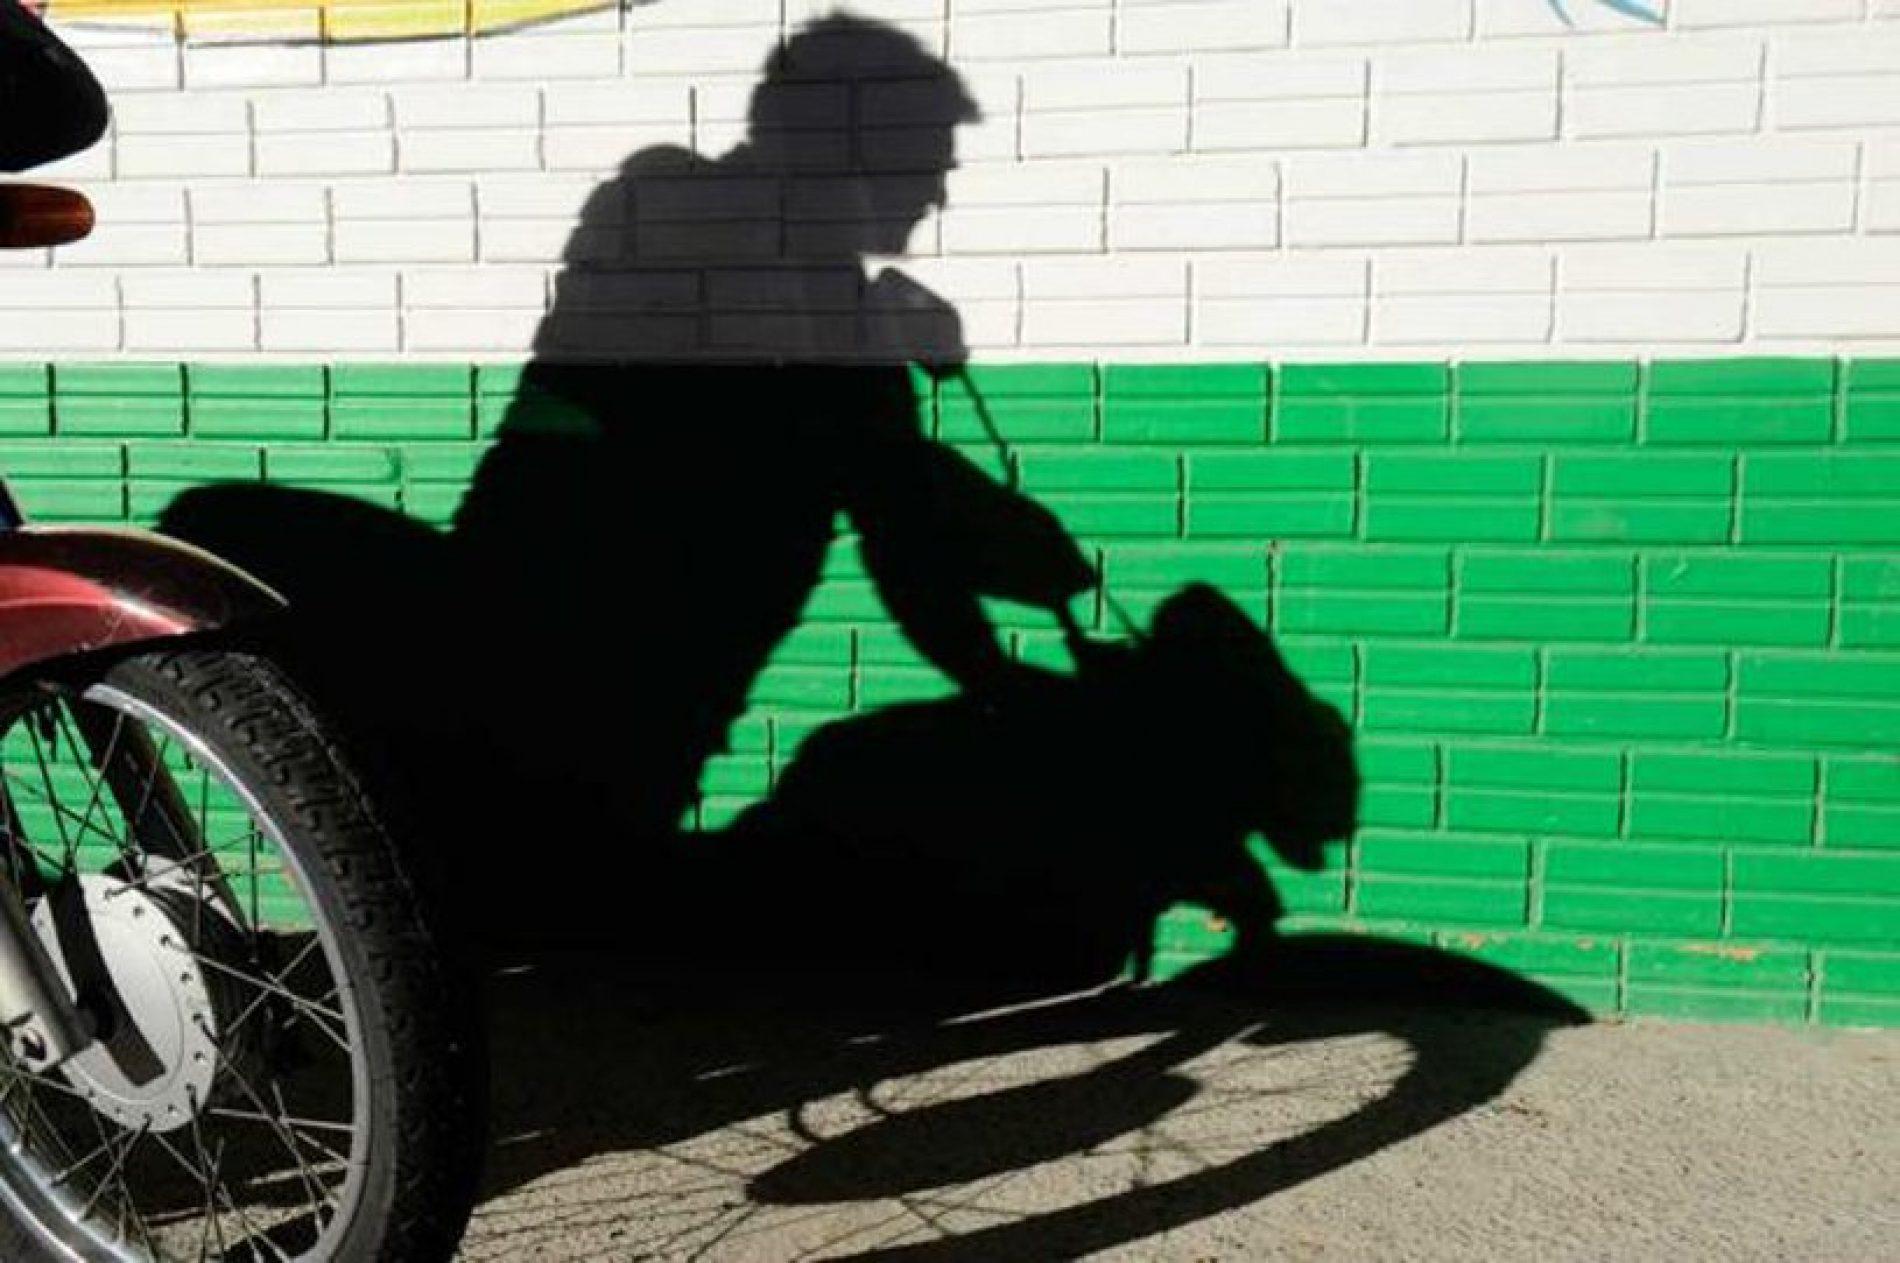 Após fugirem de abordagem policial, maior e menor são presos por furto de moto no bairro São Francisco